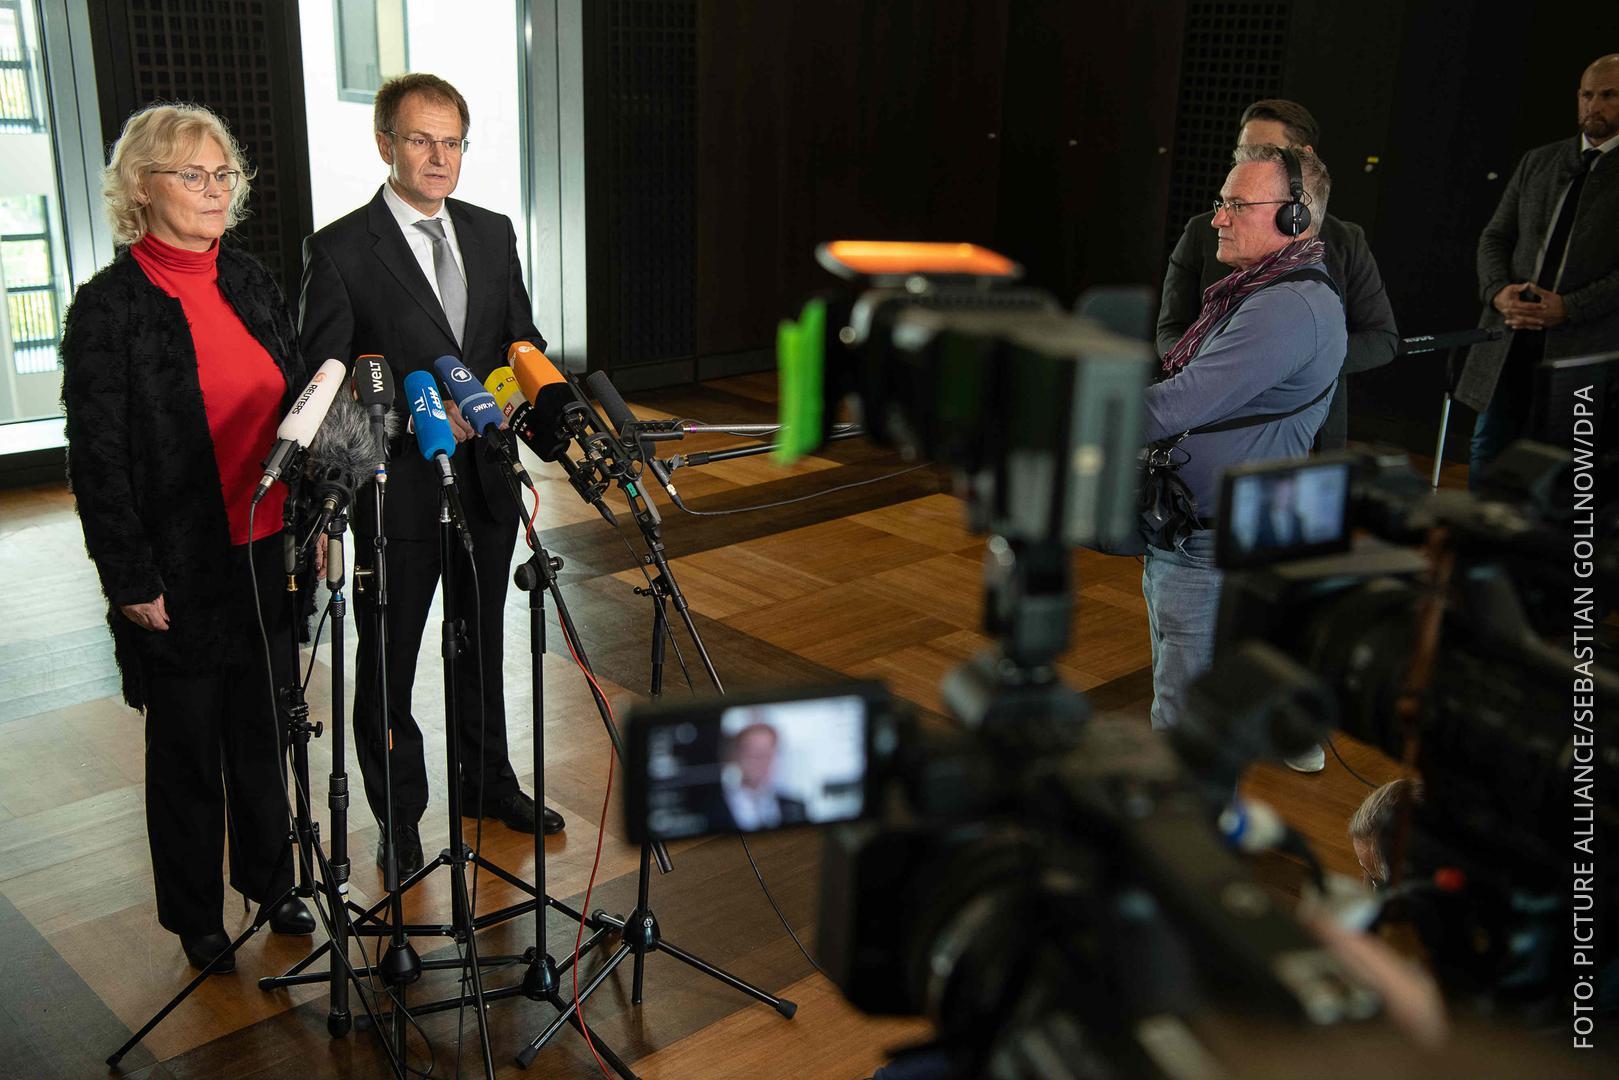 Der Generalbundesanwalt steht zusammen mit der Justizministerin vor Fernsehkameras.